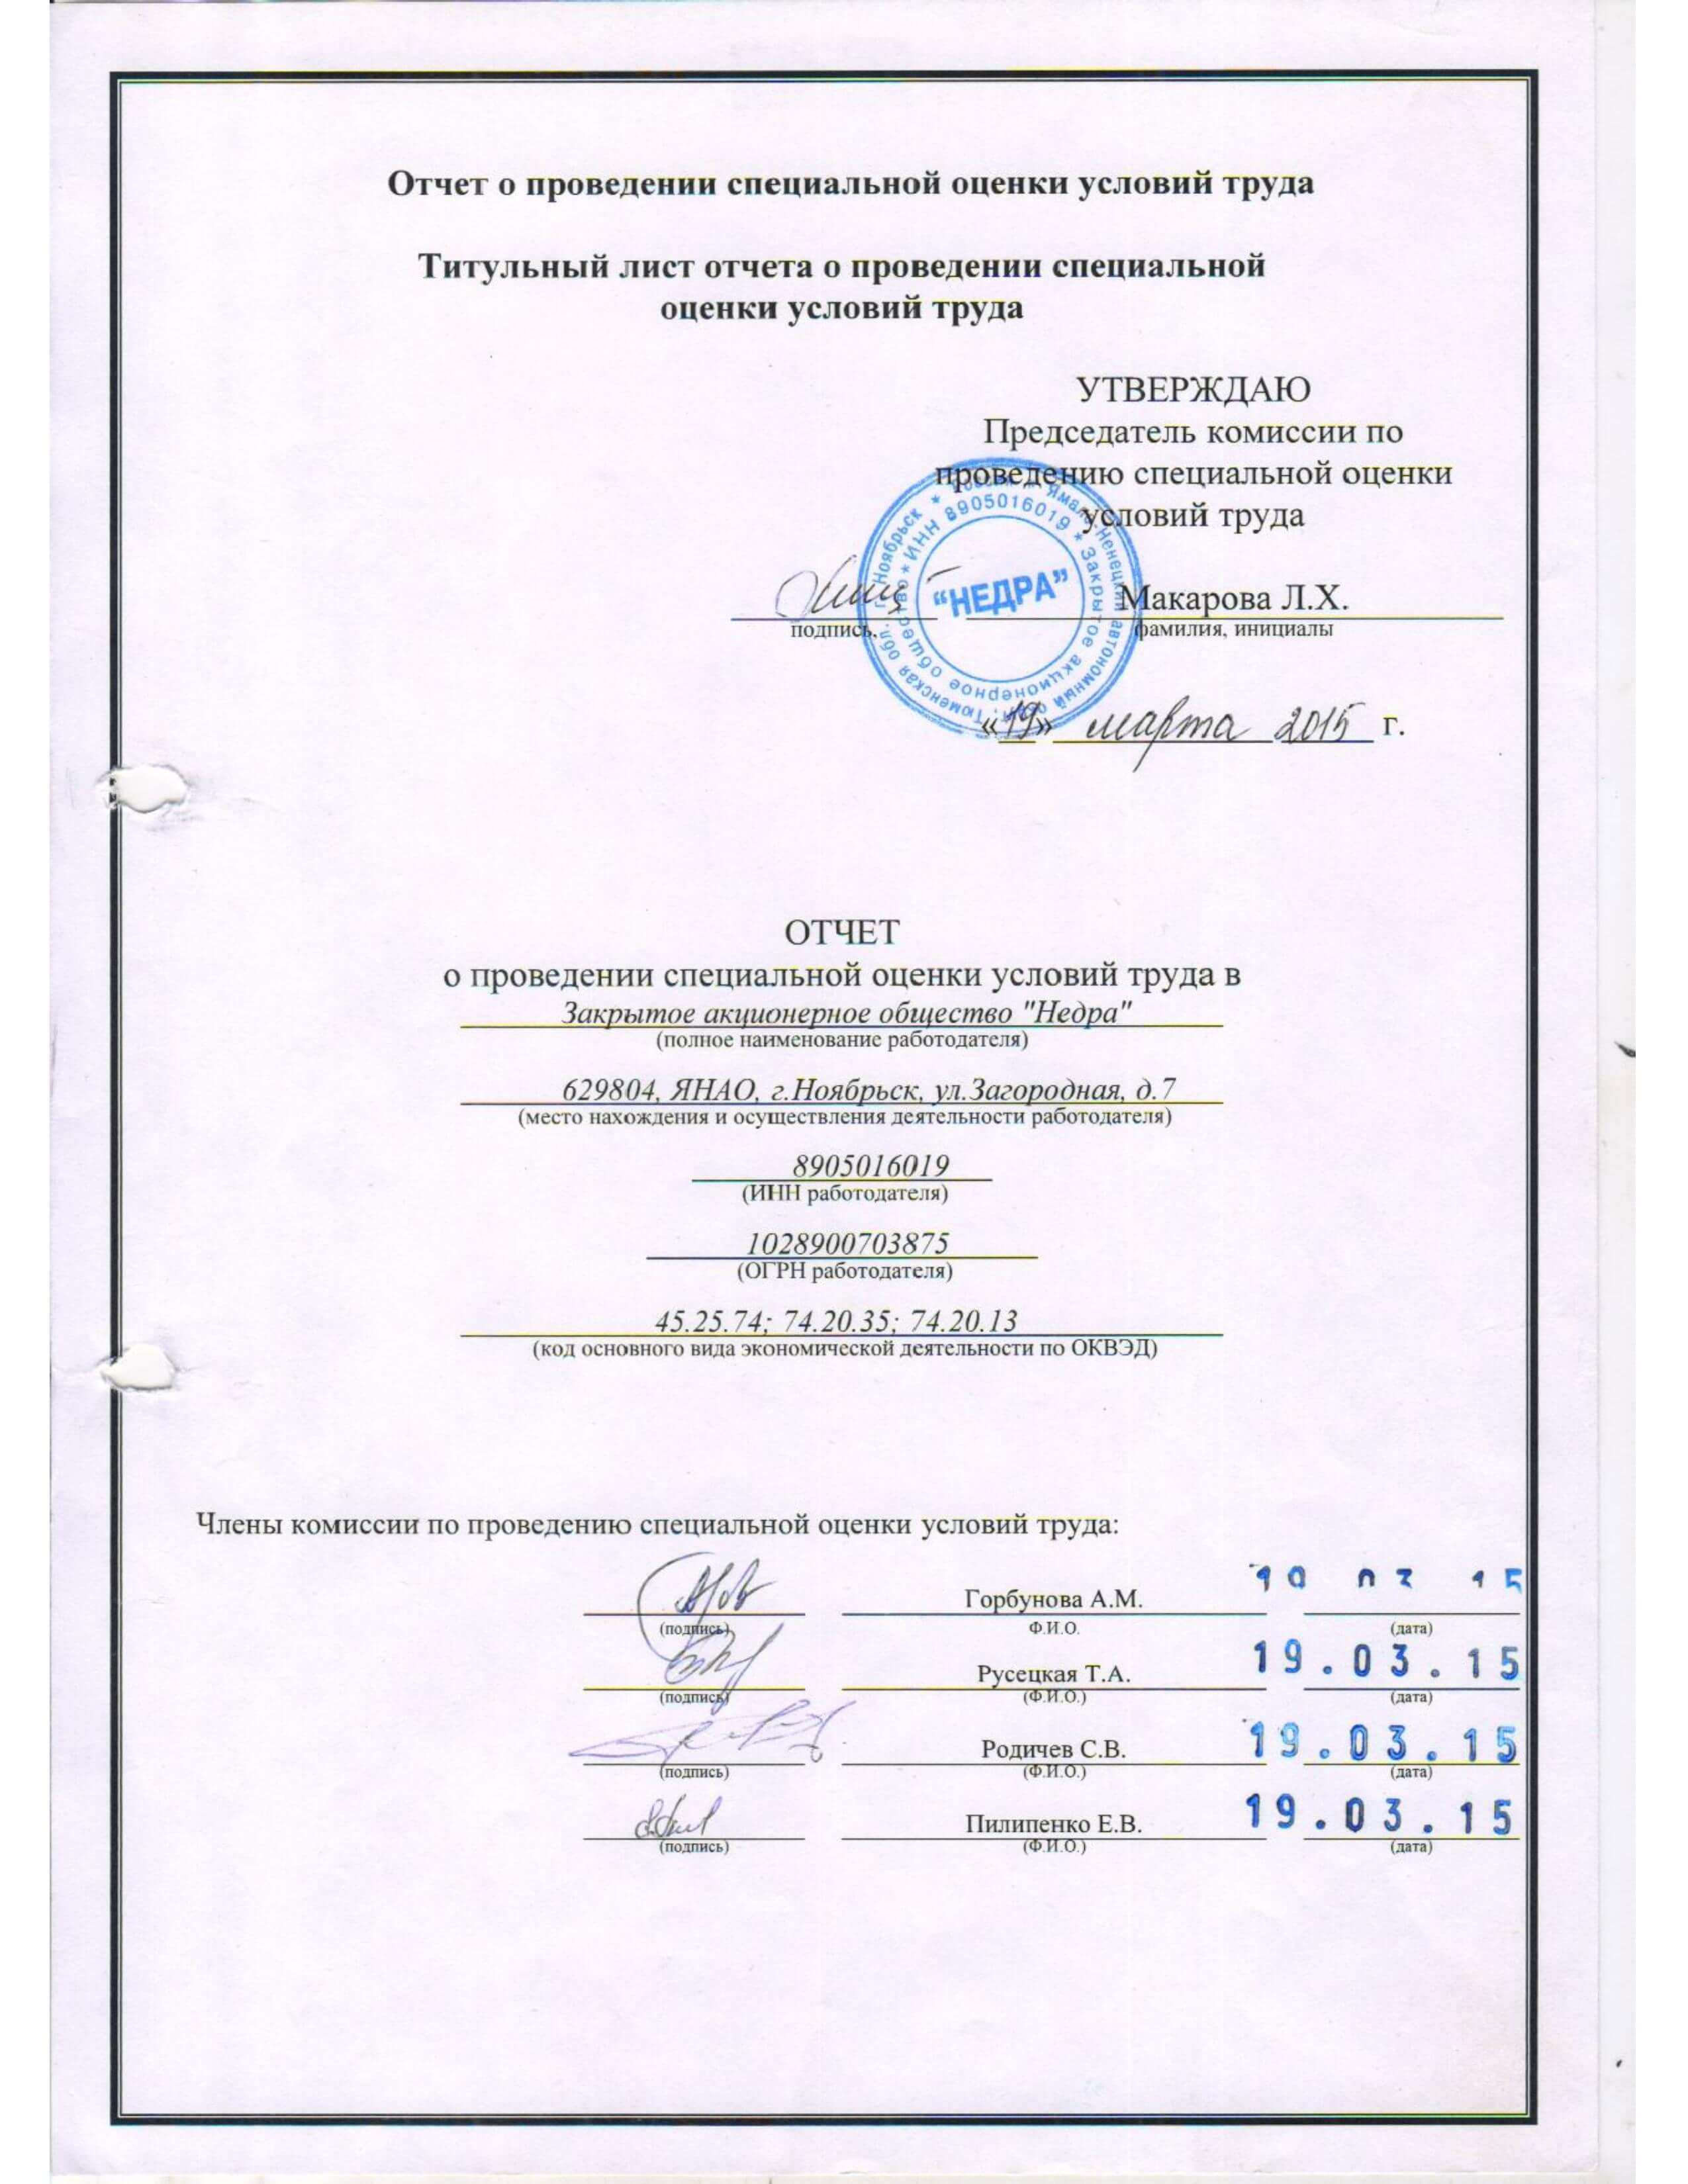 Отчет о проведении оценки условия труда стр.1